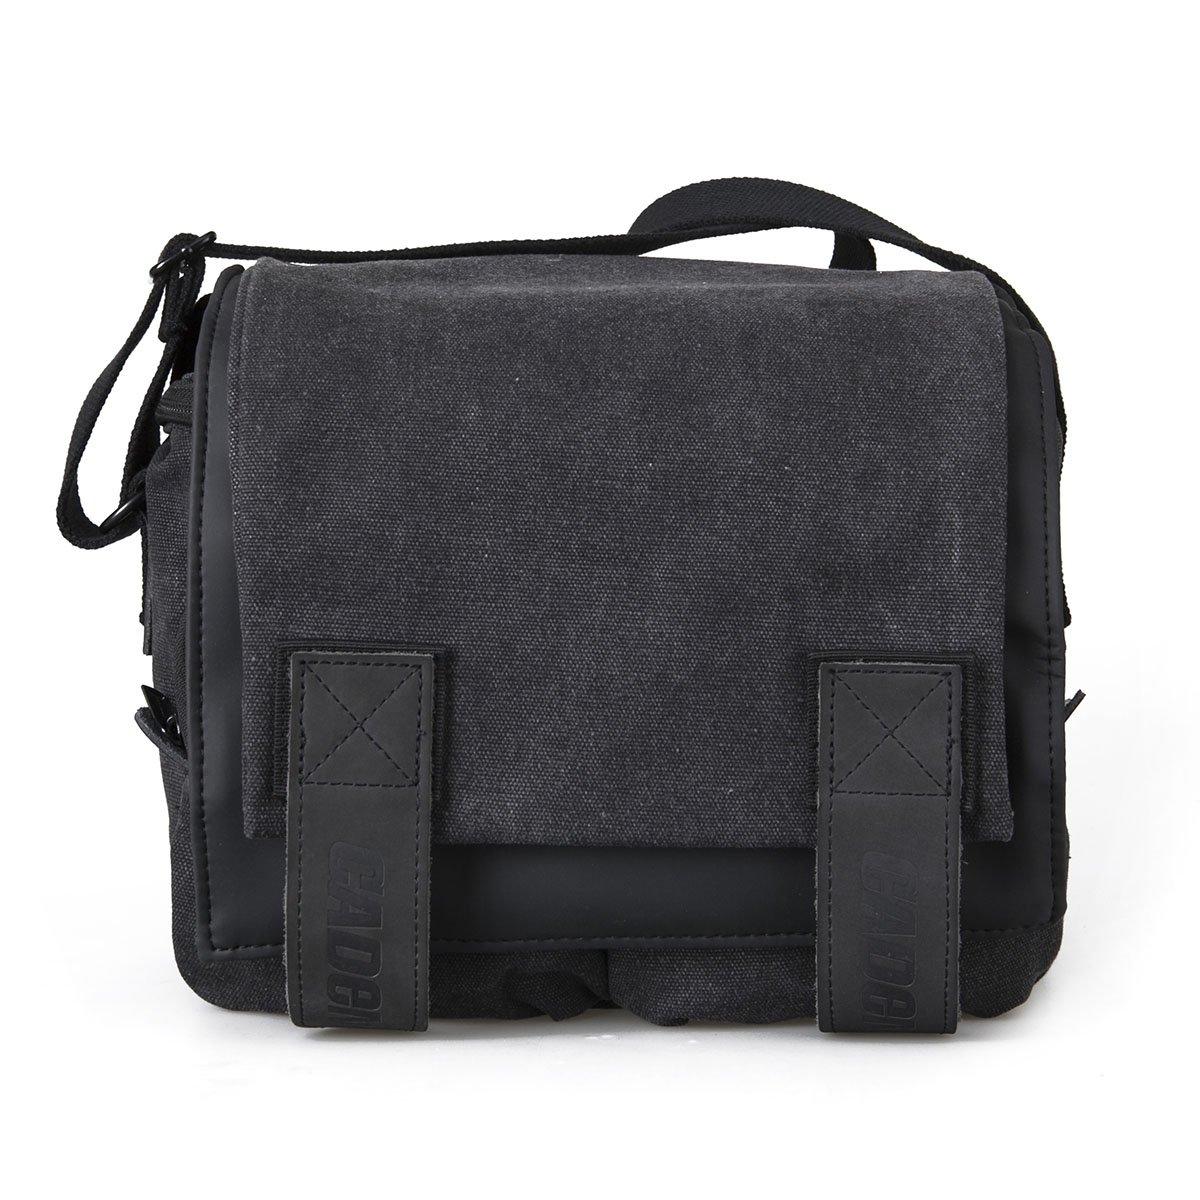 Peacechaos Messenger Bag Leather Canvas Shoulder Bookbag Laptop Bag + Dslr  Slr Camera Canvas Shoulder Bag (Black)  Amazon.co.uk  Computers    Accessories 8cf4e97cc9